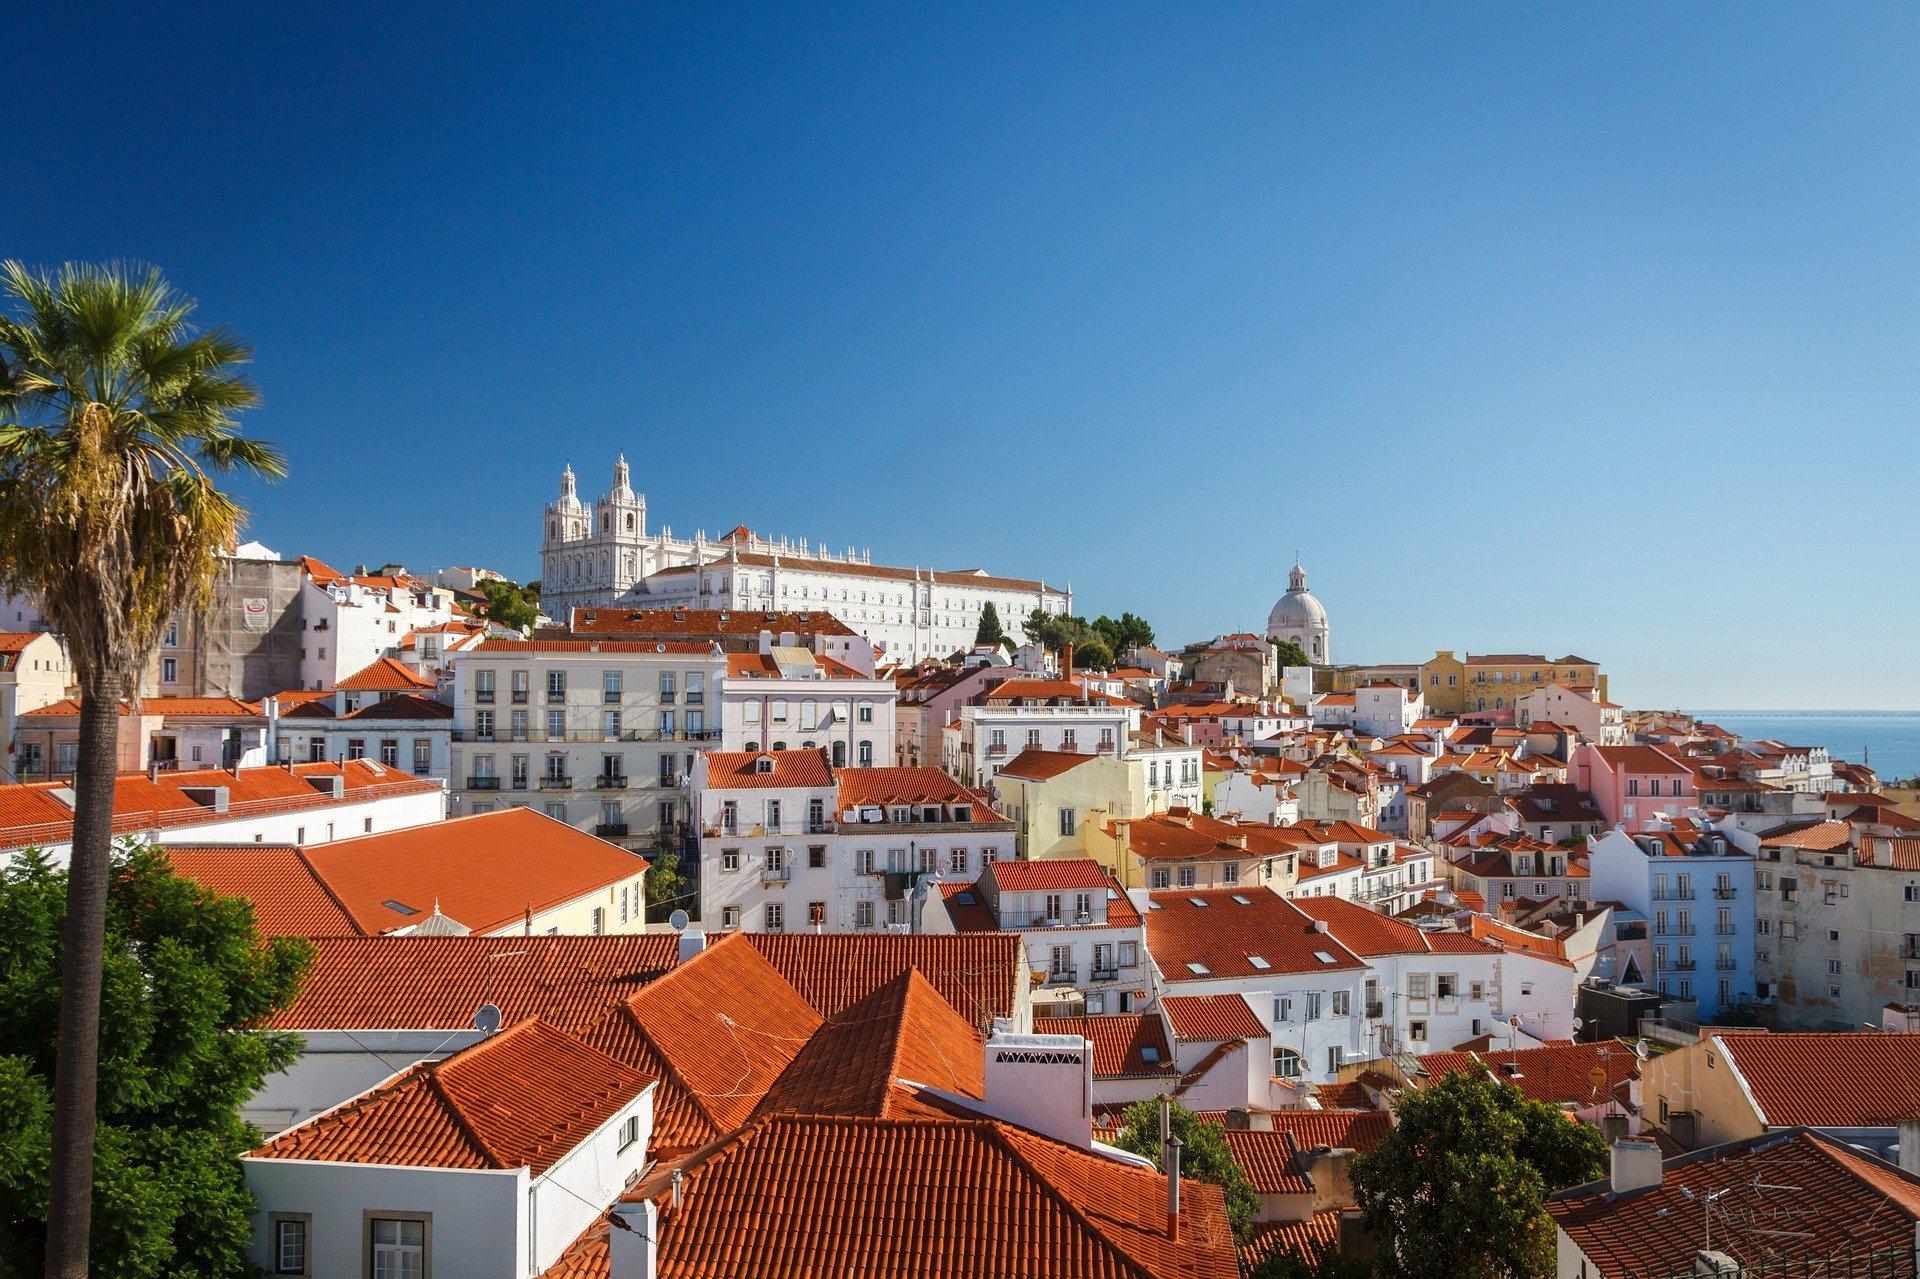 Vue sur la ville de Lisbonne au Portugal